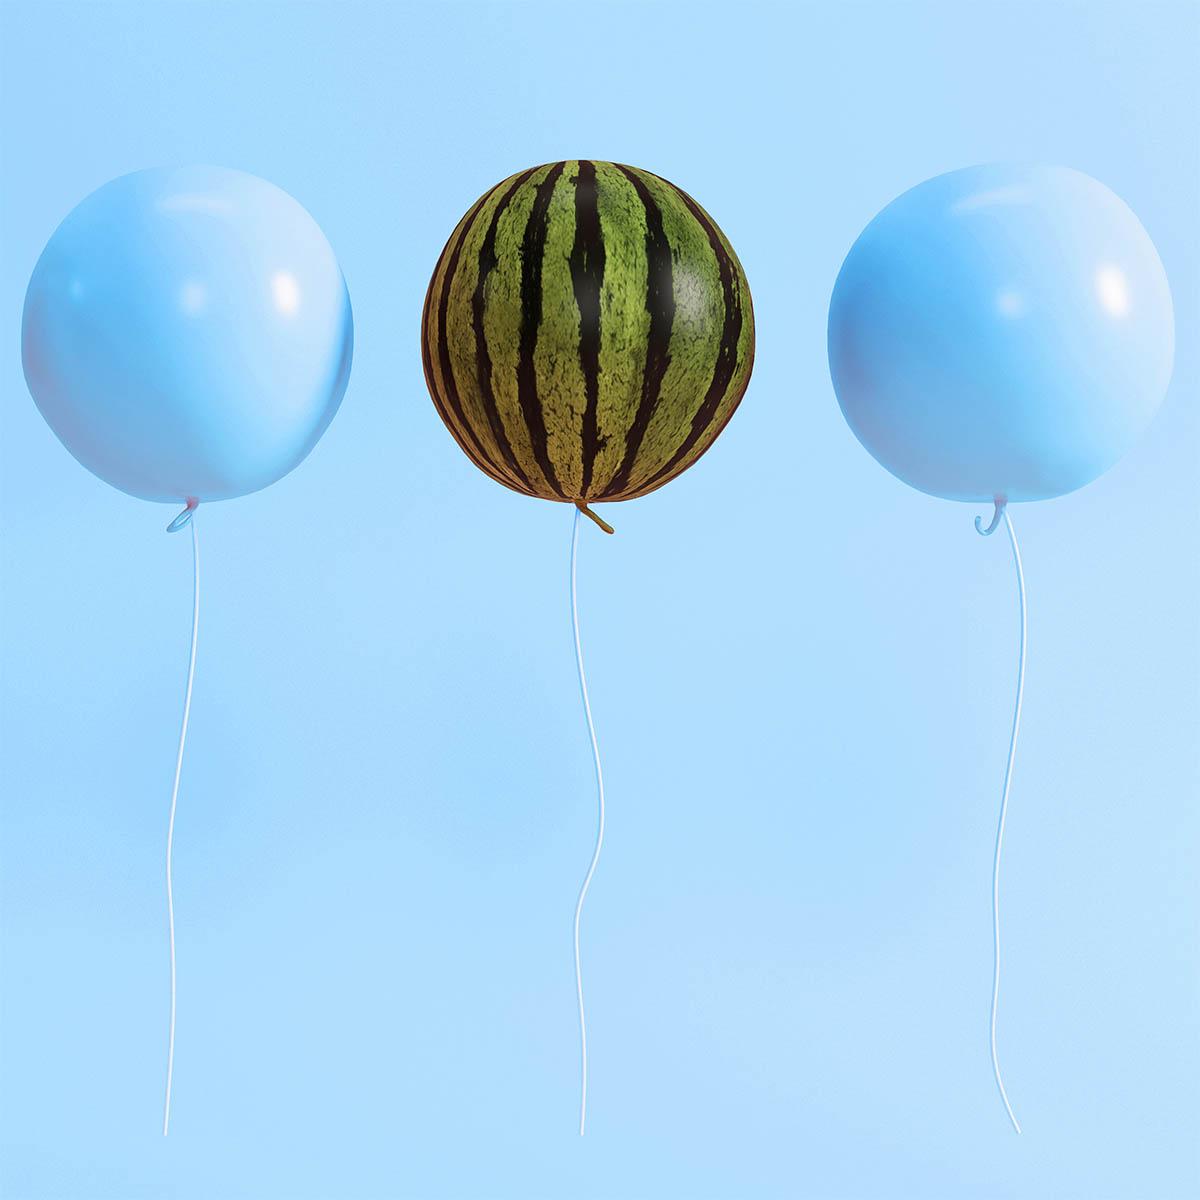 globos-sandia-azul-diseño-web-la central badiola